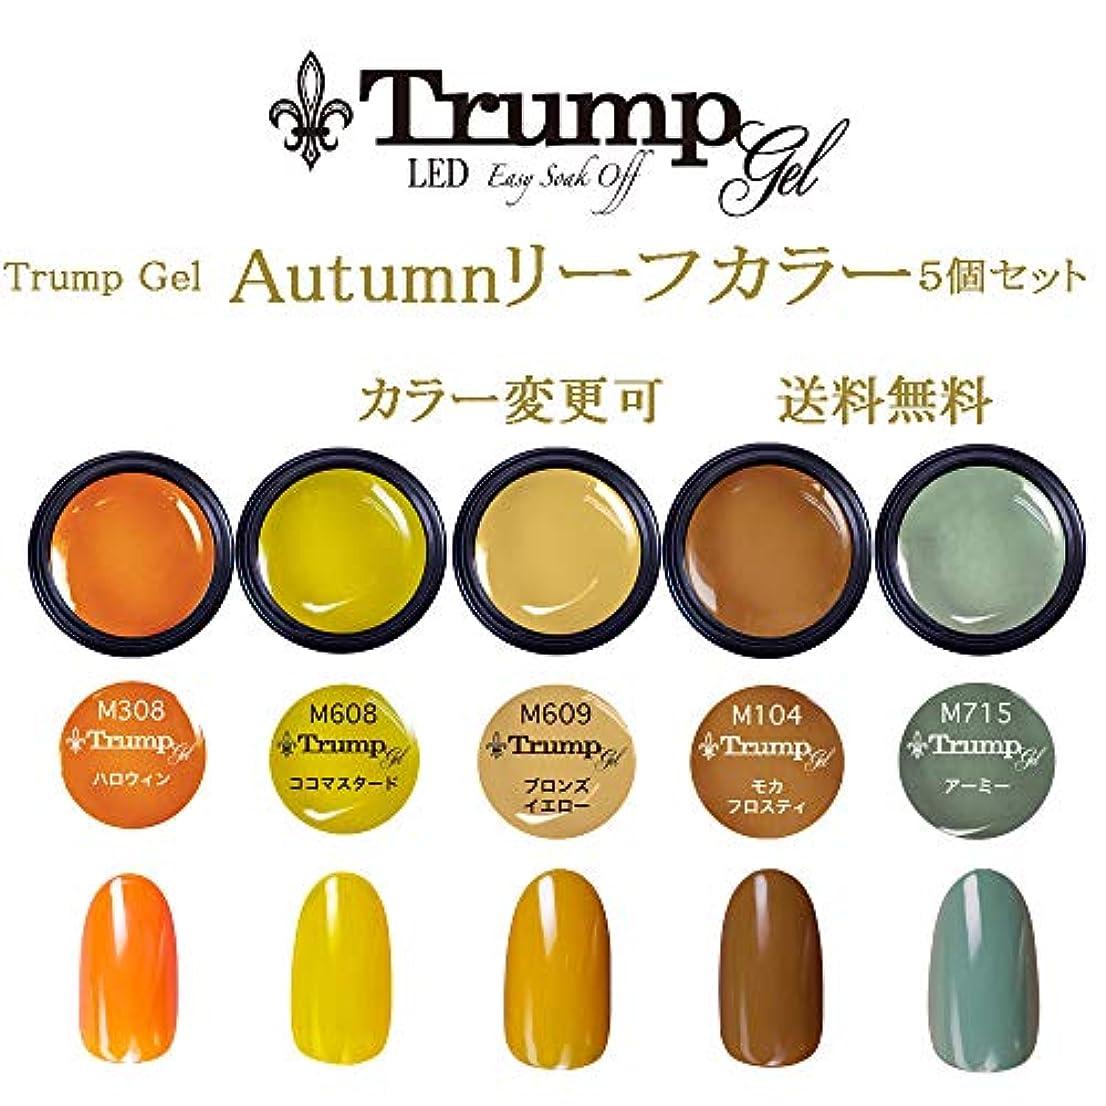 一月影響力のあるスカート【送料無料】日本製 Trump gel トランプジェル オータムリーフカラー 選べる カラージェル 5個セット オータムネイル ベージュ ブラウン マスタード カラー